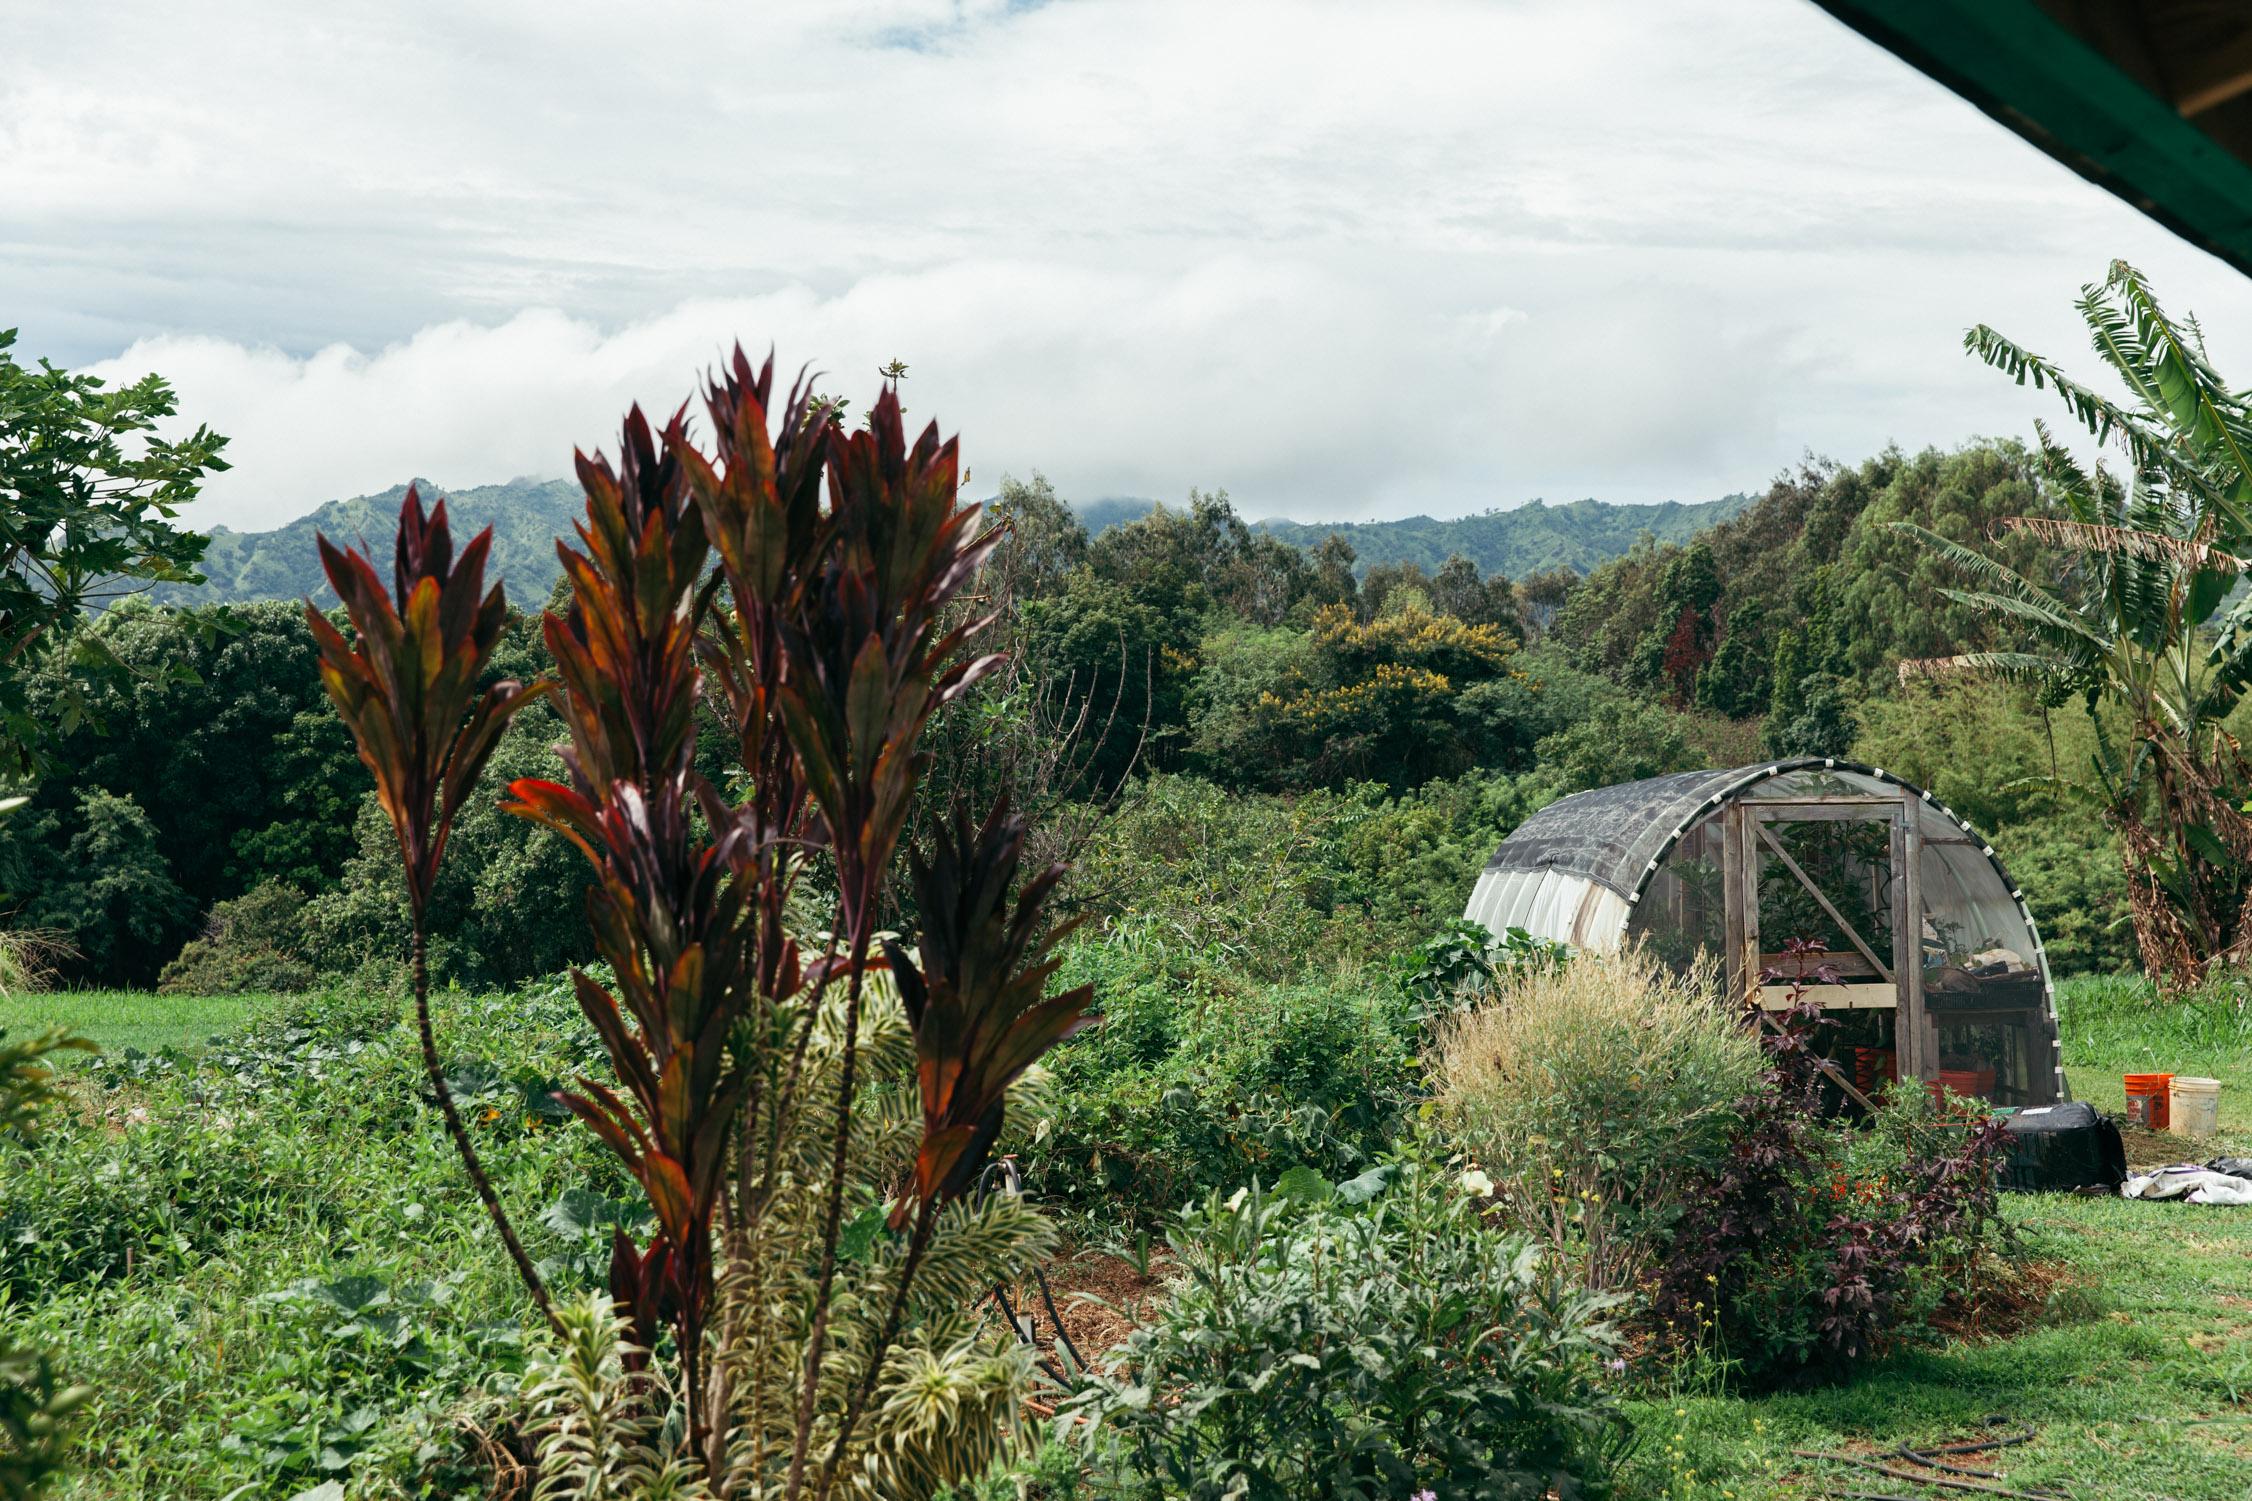 Kauai Botanical Gardens Jurassic Park